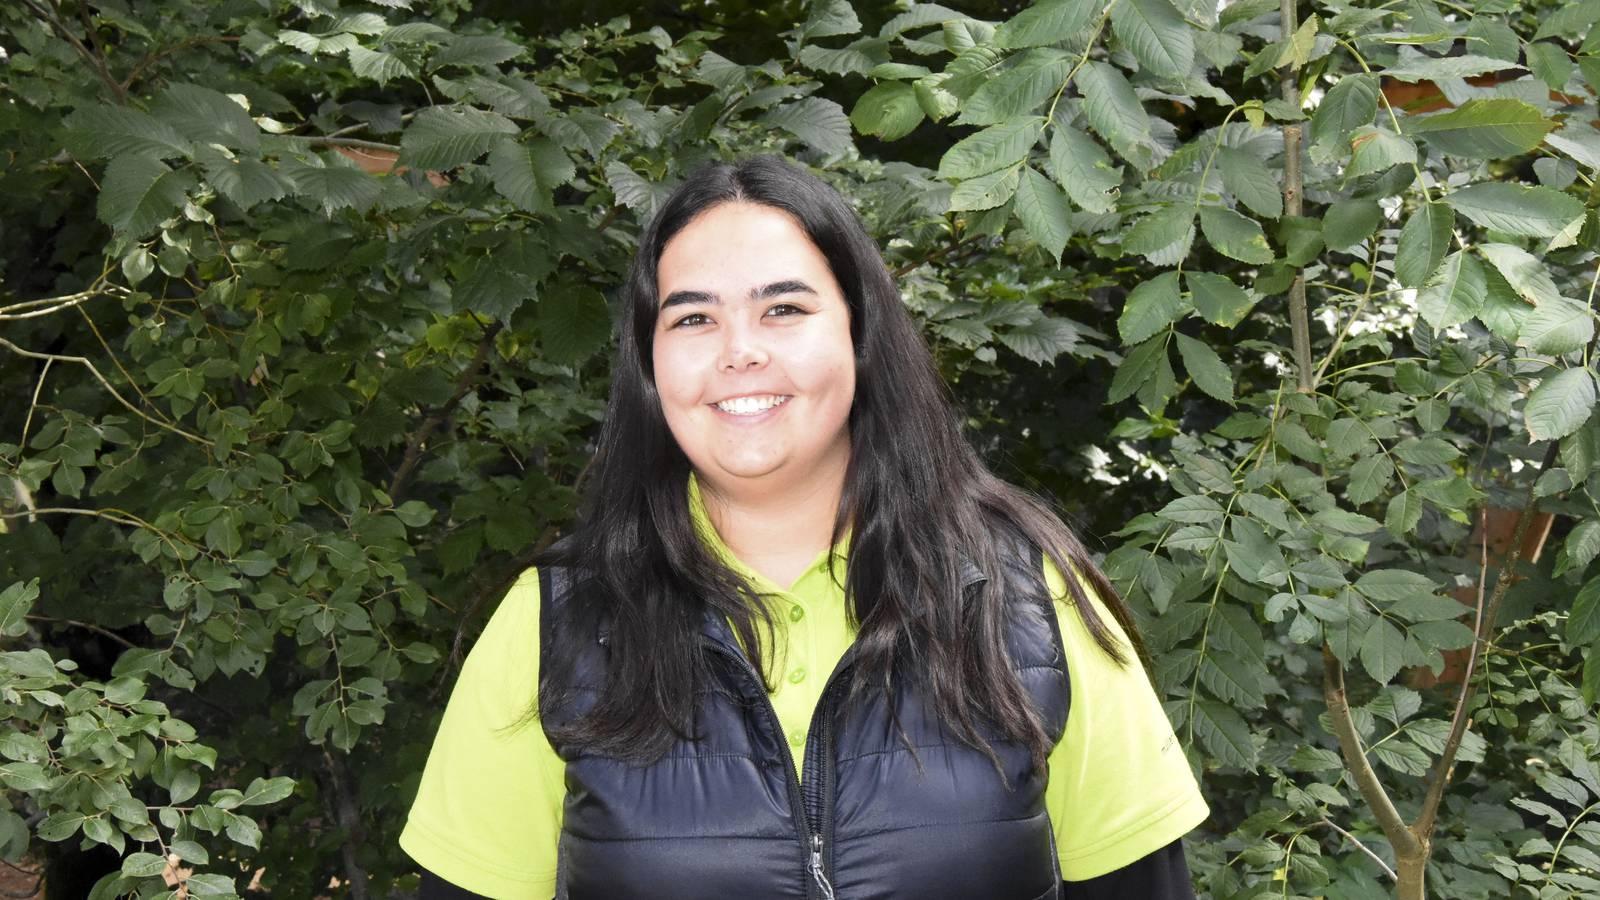 Melanie Anon ist Geschäftsleiterin des Baumwipfelpfades. (© FM1Today)